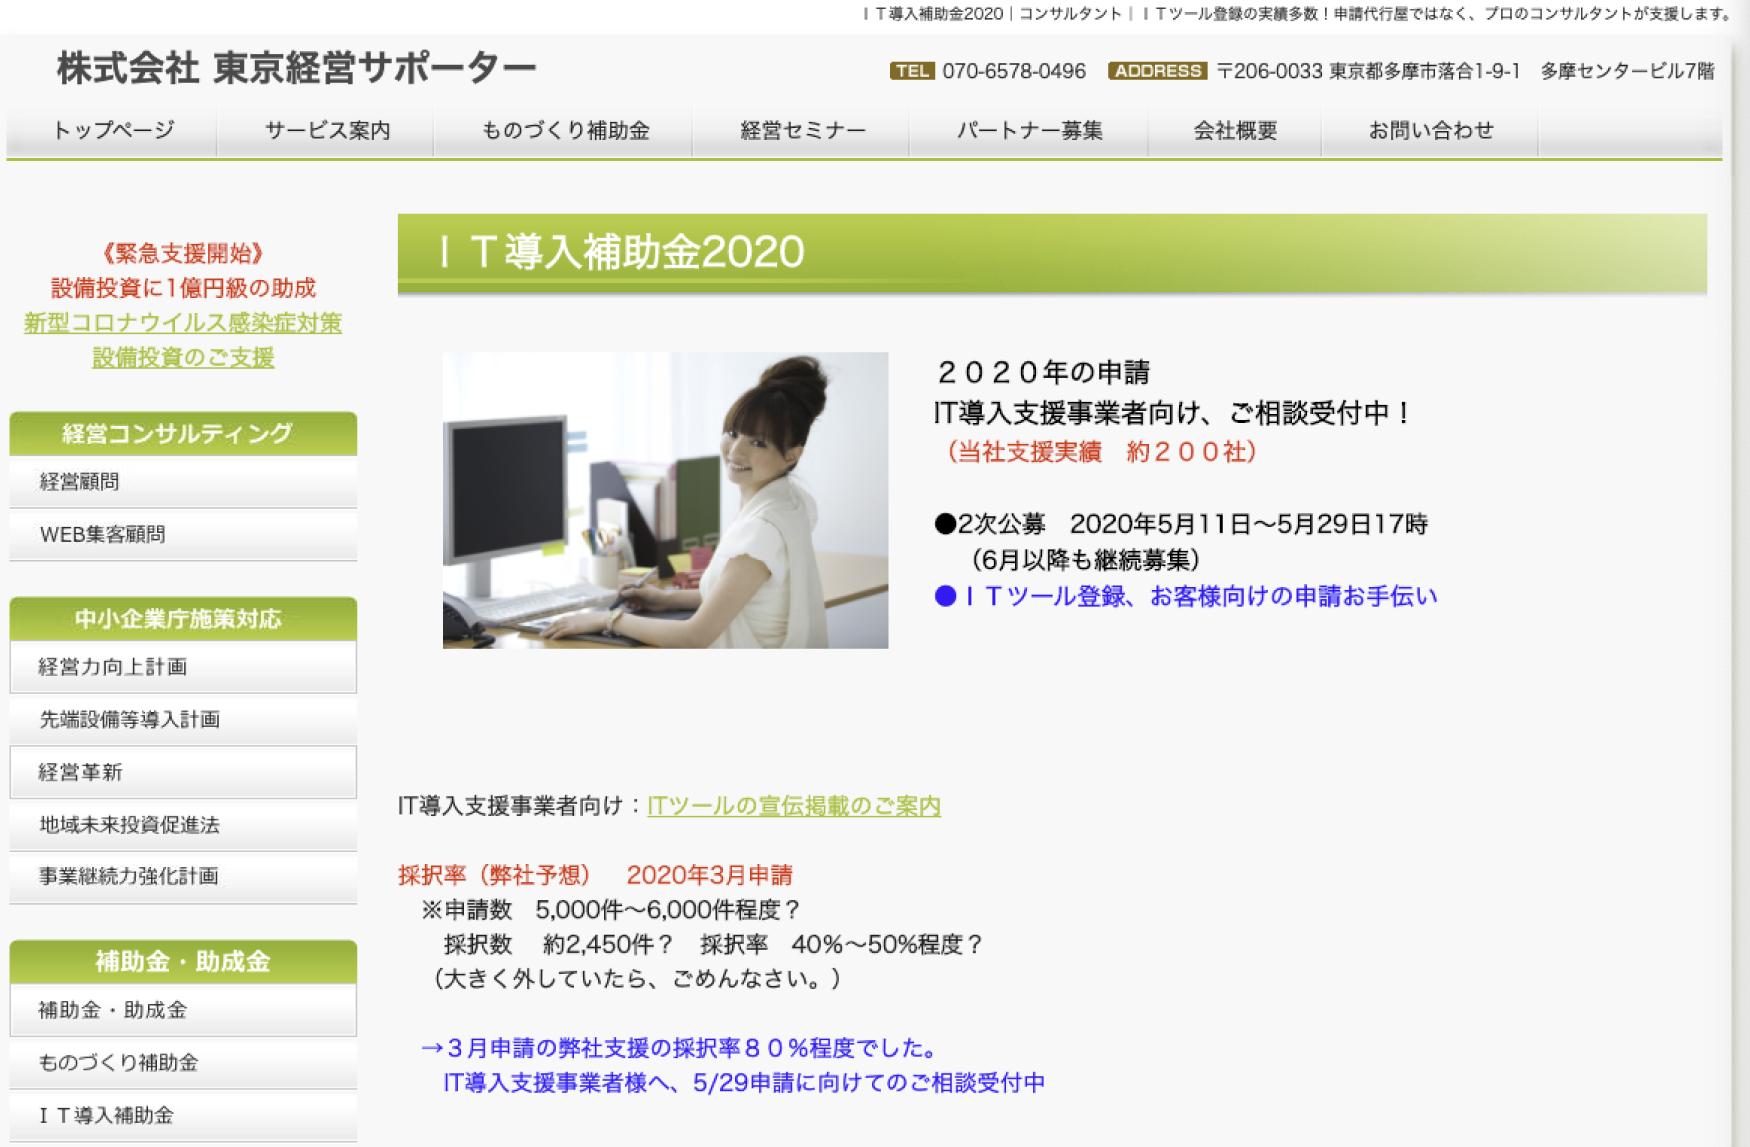 株式会社東京経営サポーター公式HPのスクリーンショット